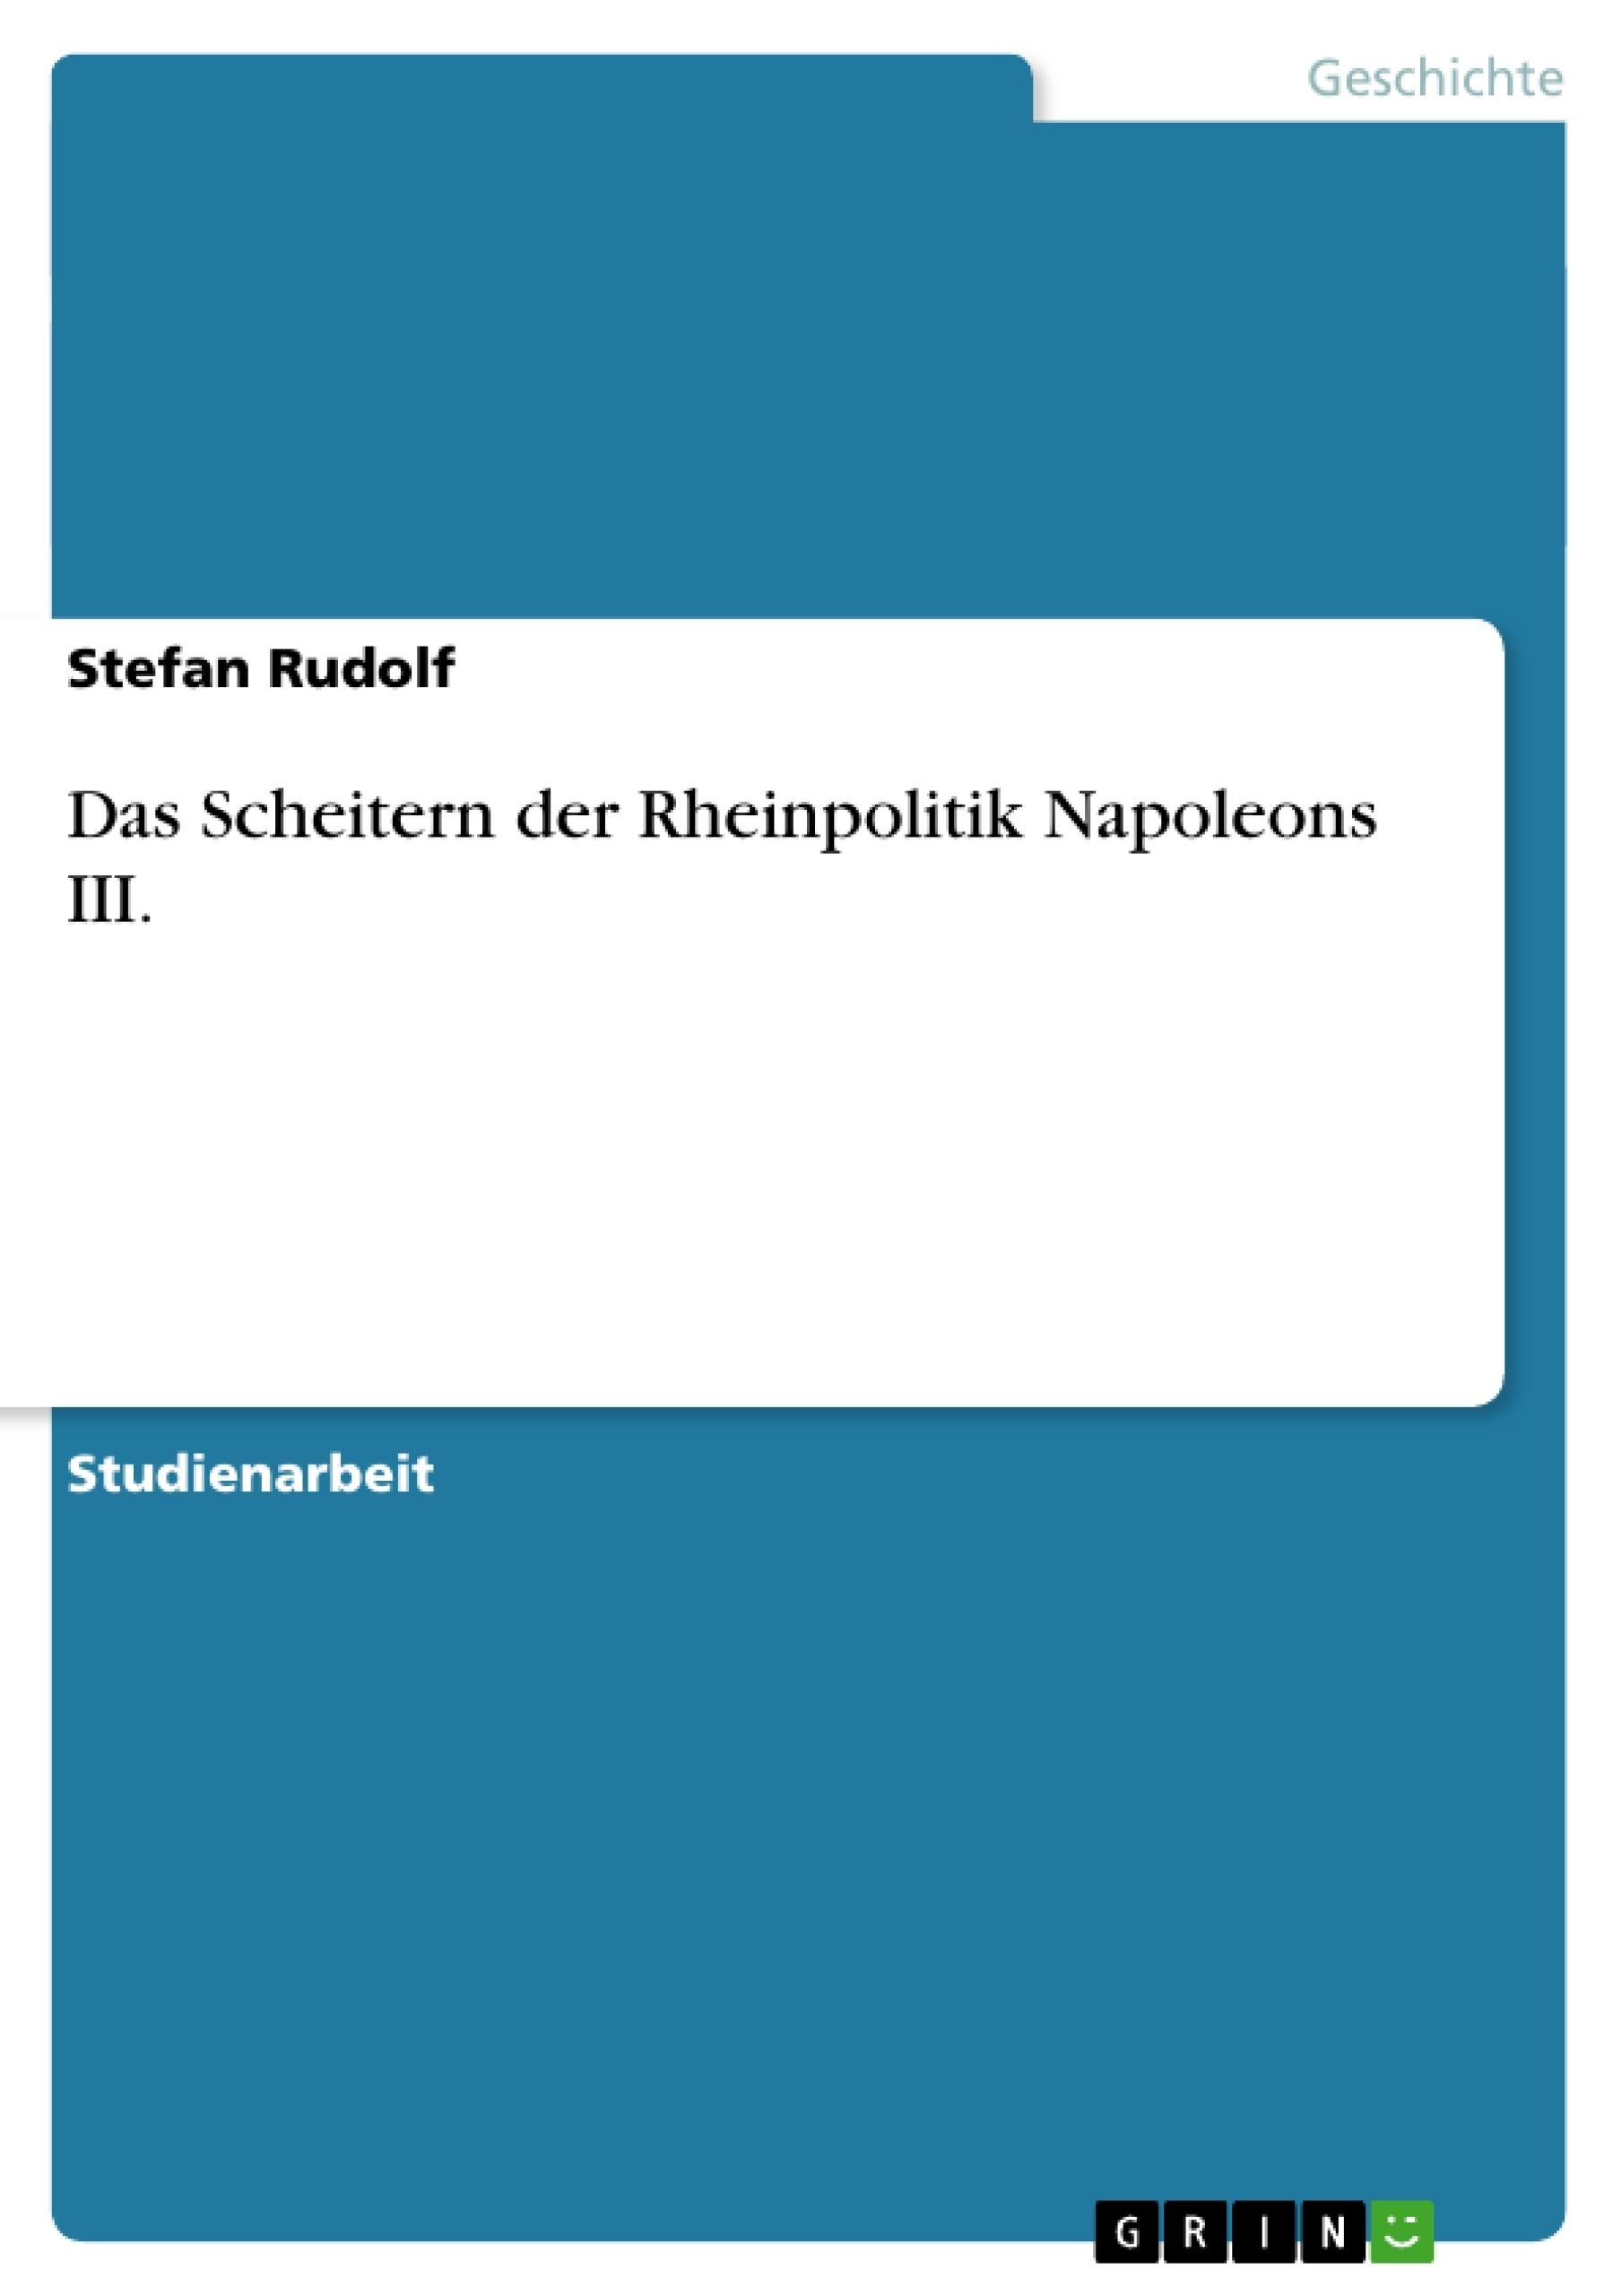 Titel: Das Scheitern der Rheinpolitik Napoleons III.